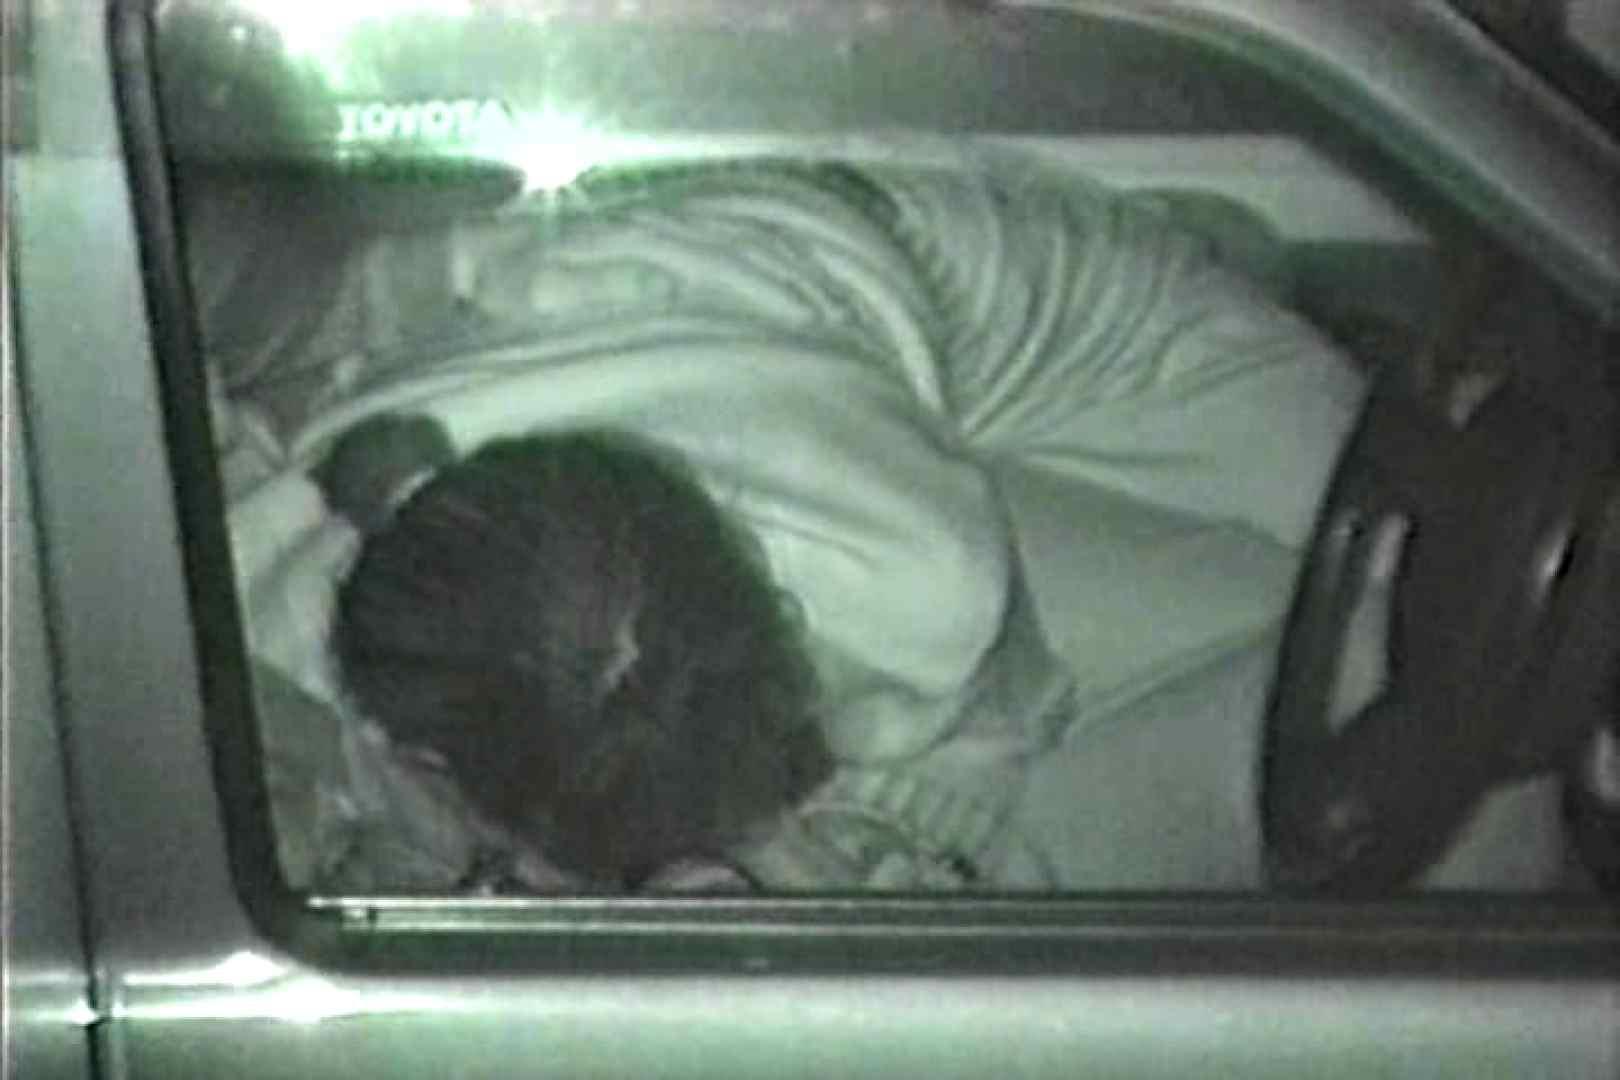 車の中はラブホテル 無修正版  Vol.7 接写 隠し撮りセックス画像 81画像 34